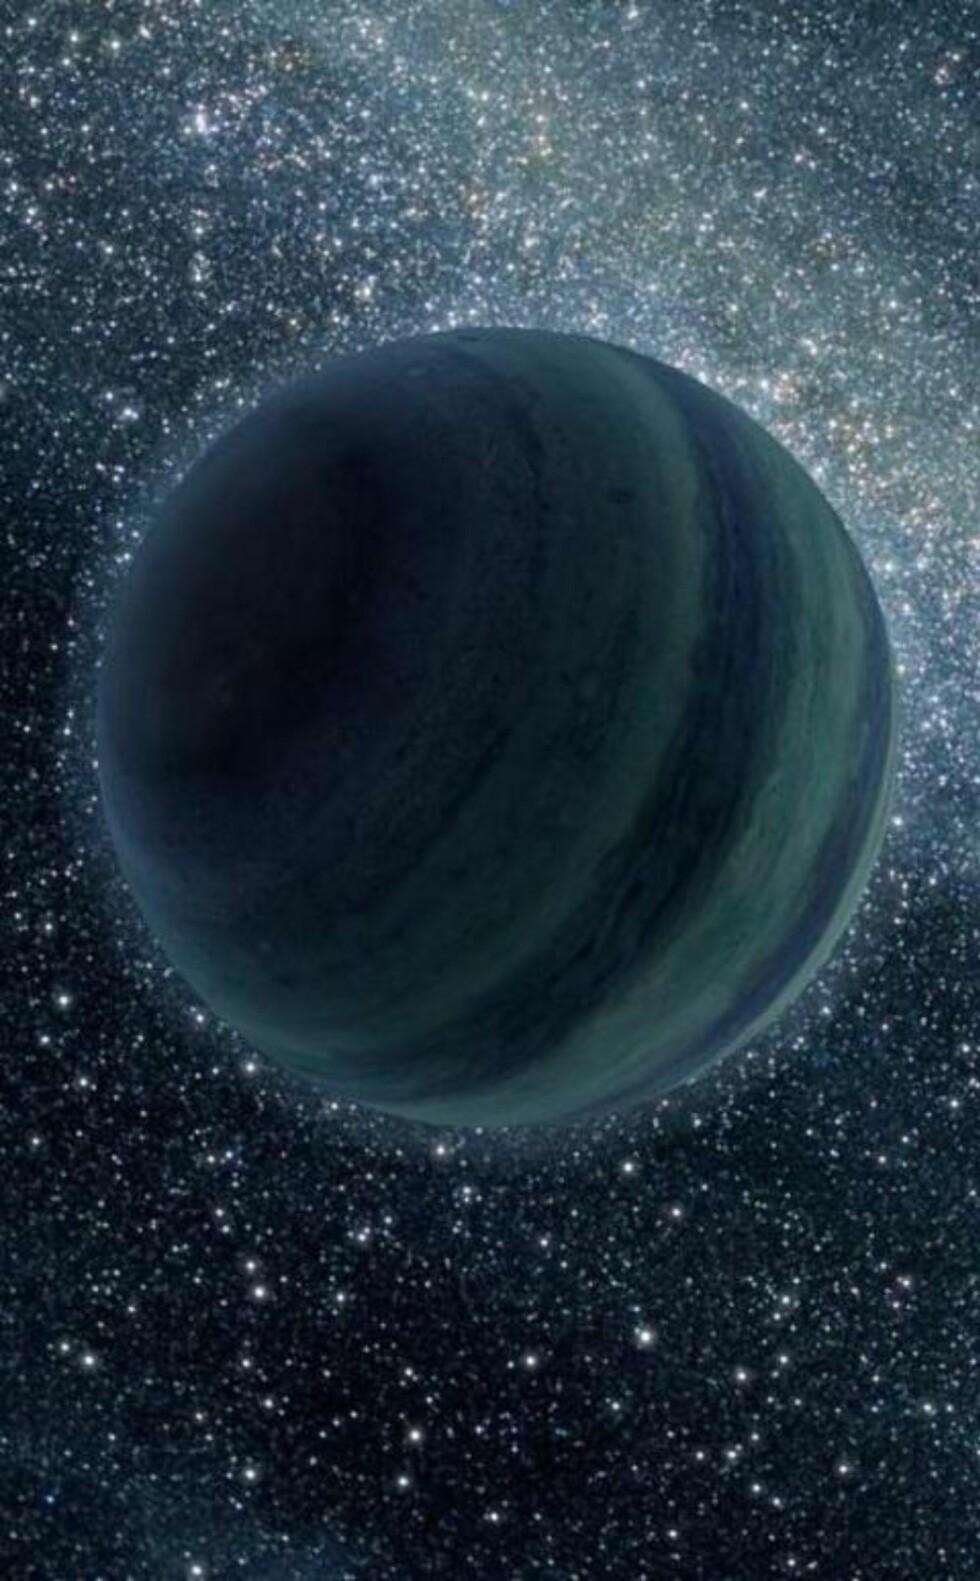 PLANET PÅ RØMMEN: Det kan finnes flere hundre milliarder Jupiter-liknende planeter som driver ensomt og alene rundt i Melkeveien, uten noe solsystem den kan kalle et hjem. Som trøst får de sjetteplass i kåringen av årets beste astronyheter. Grafikk: NASA/JPL-Caltech